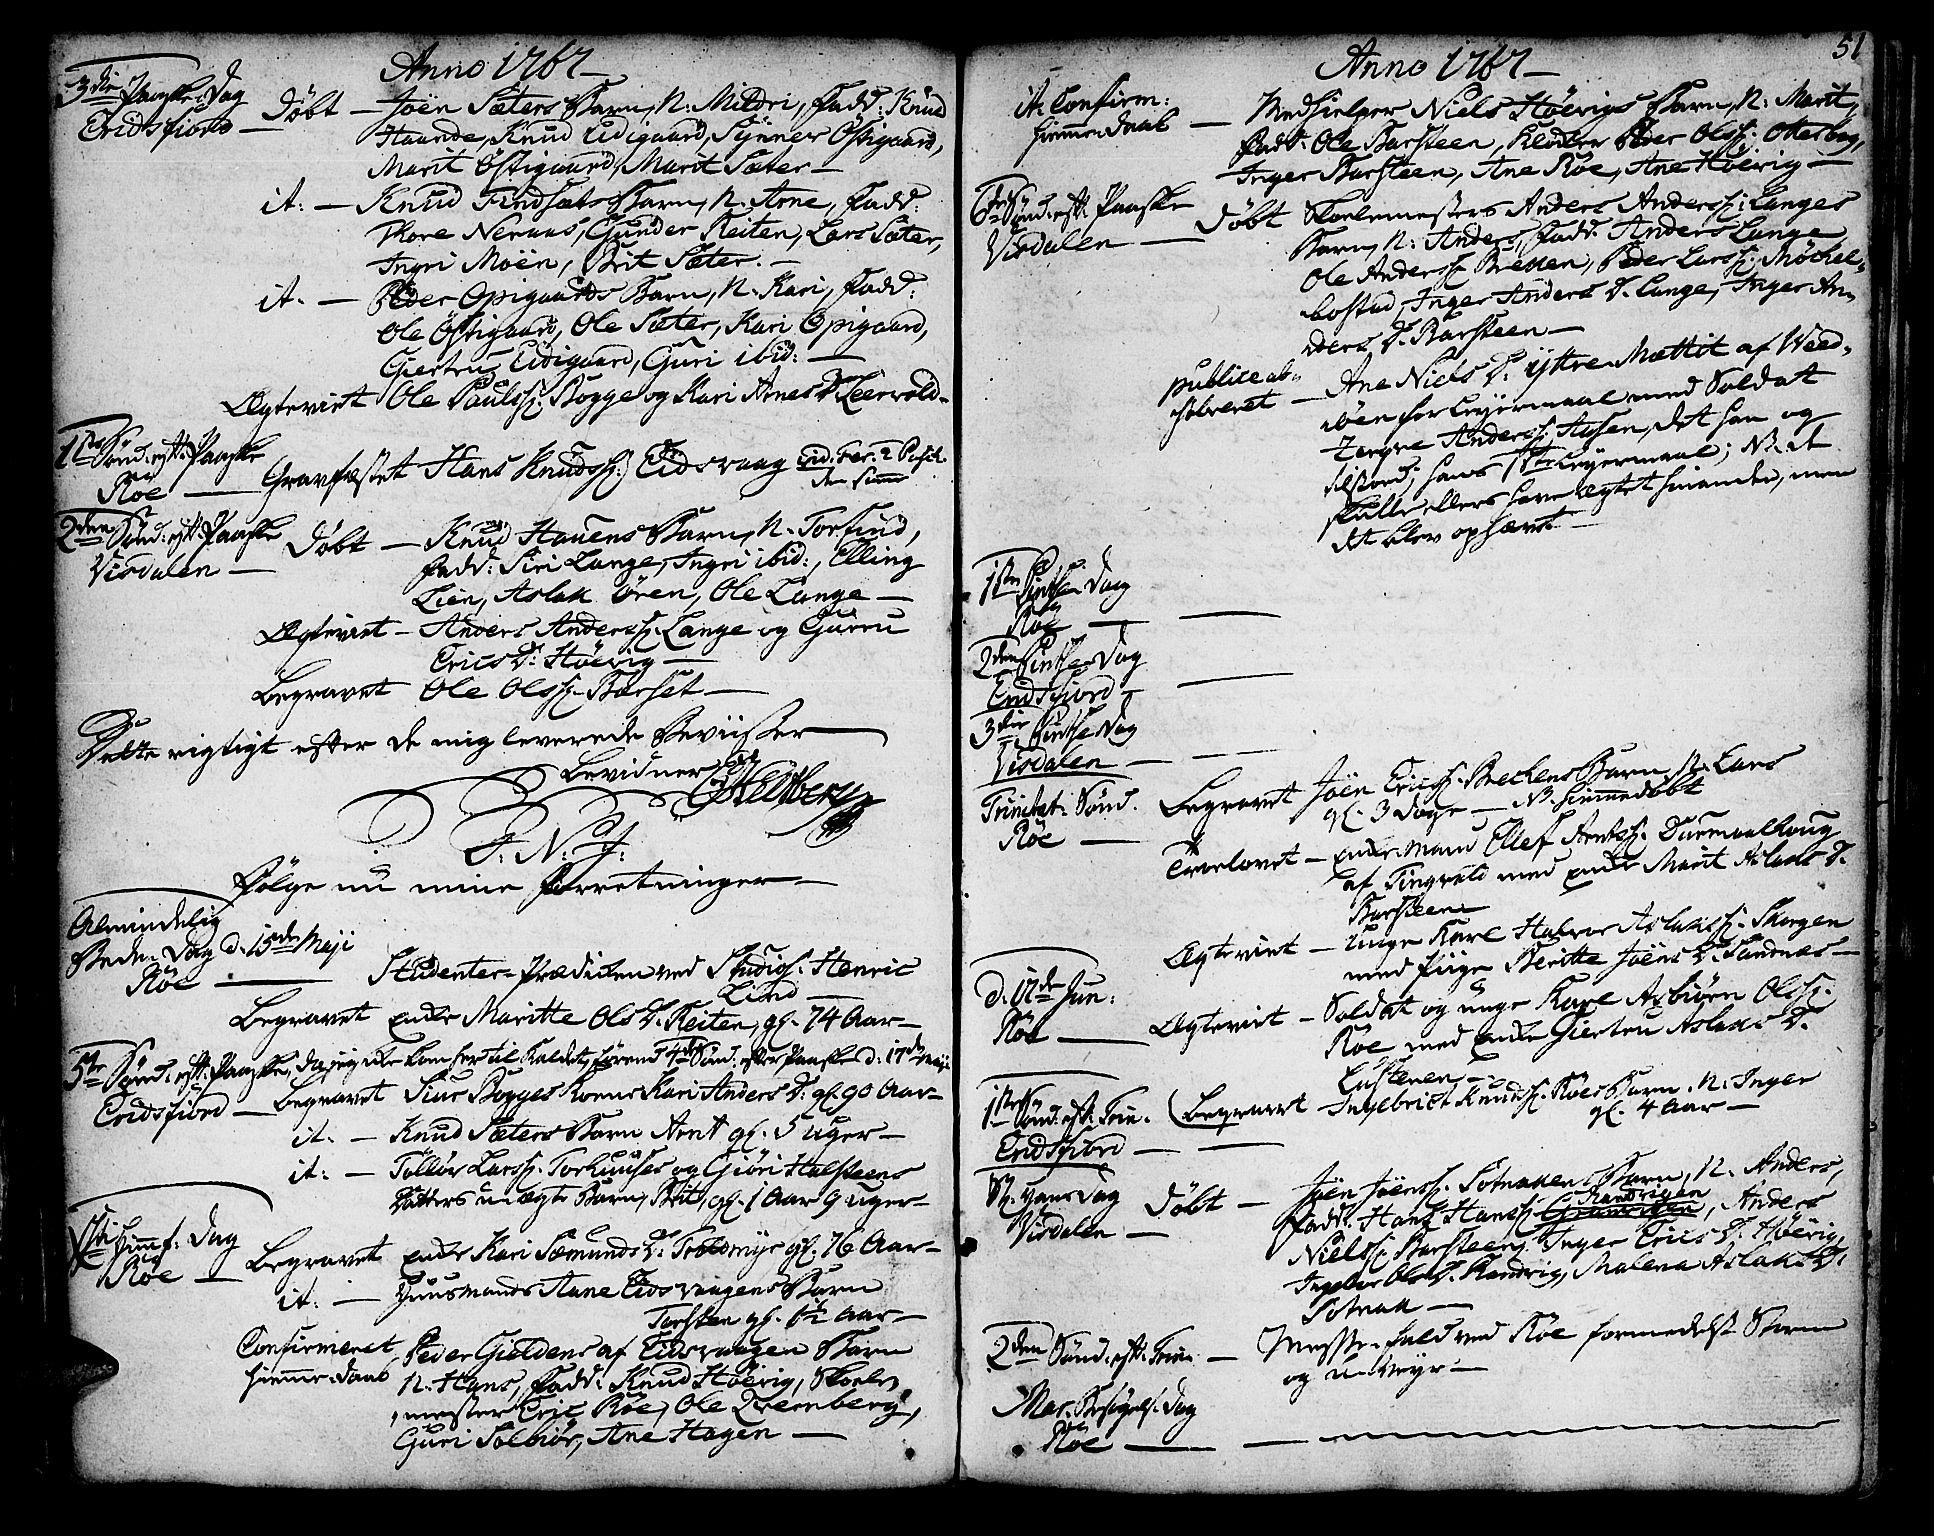 SAT, Ministerialprotokoller, klokkerbøker og fødselsregistre - Møre og Romsdal, 551/L0621: Ministerialbok nr. 551A01, 1757-1803, s. 51